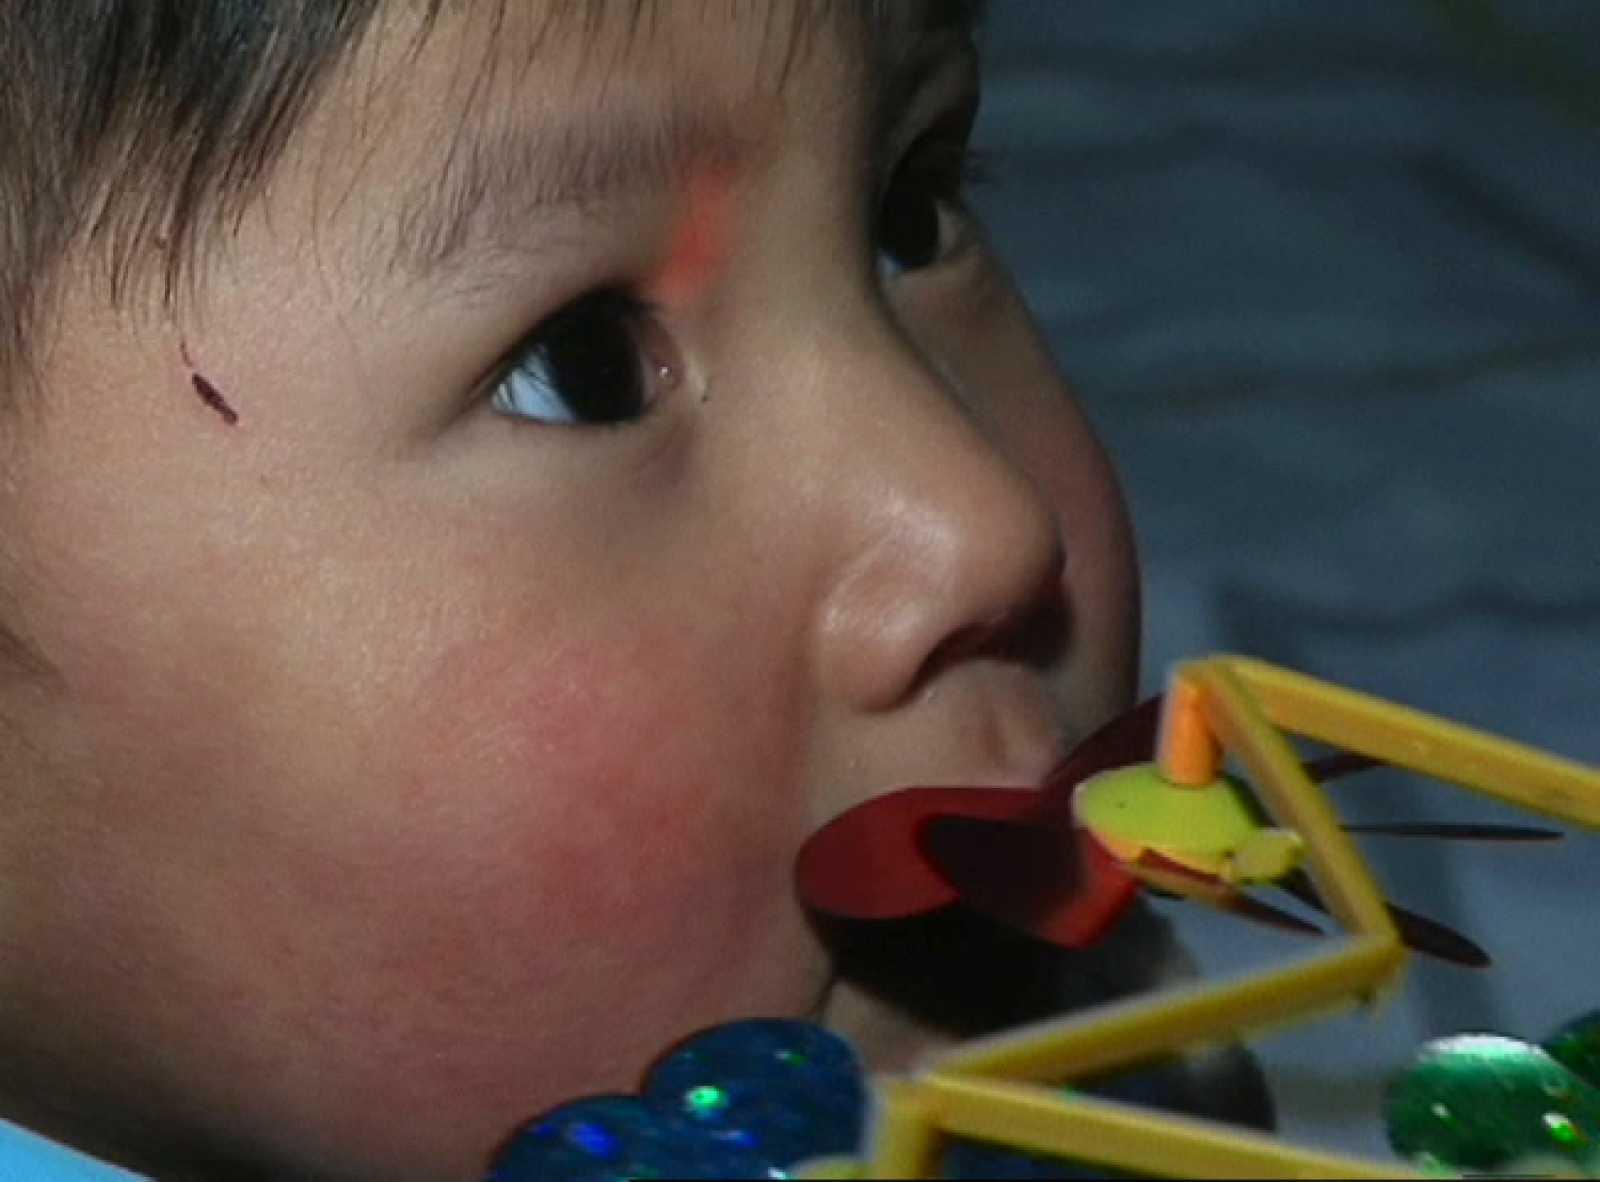 En China, las redes sociales ponen en marcha una campaña para ayudar a encontrar a niños secuestrados